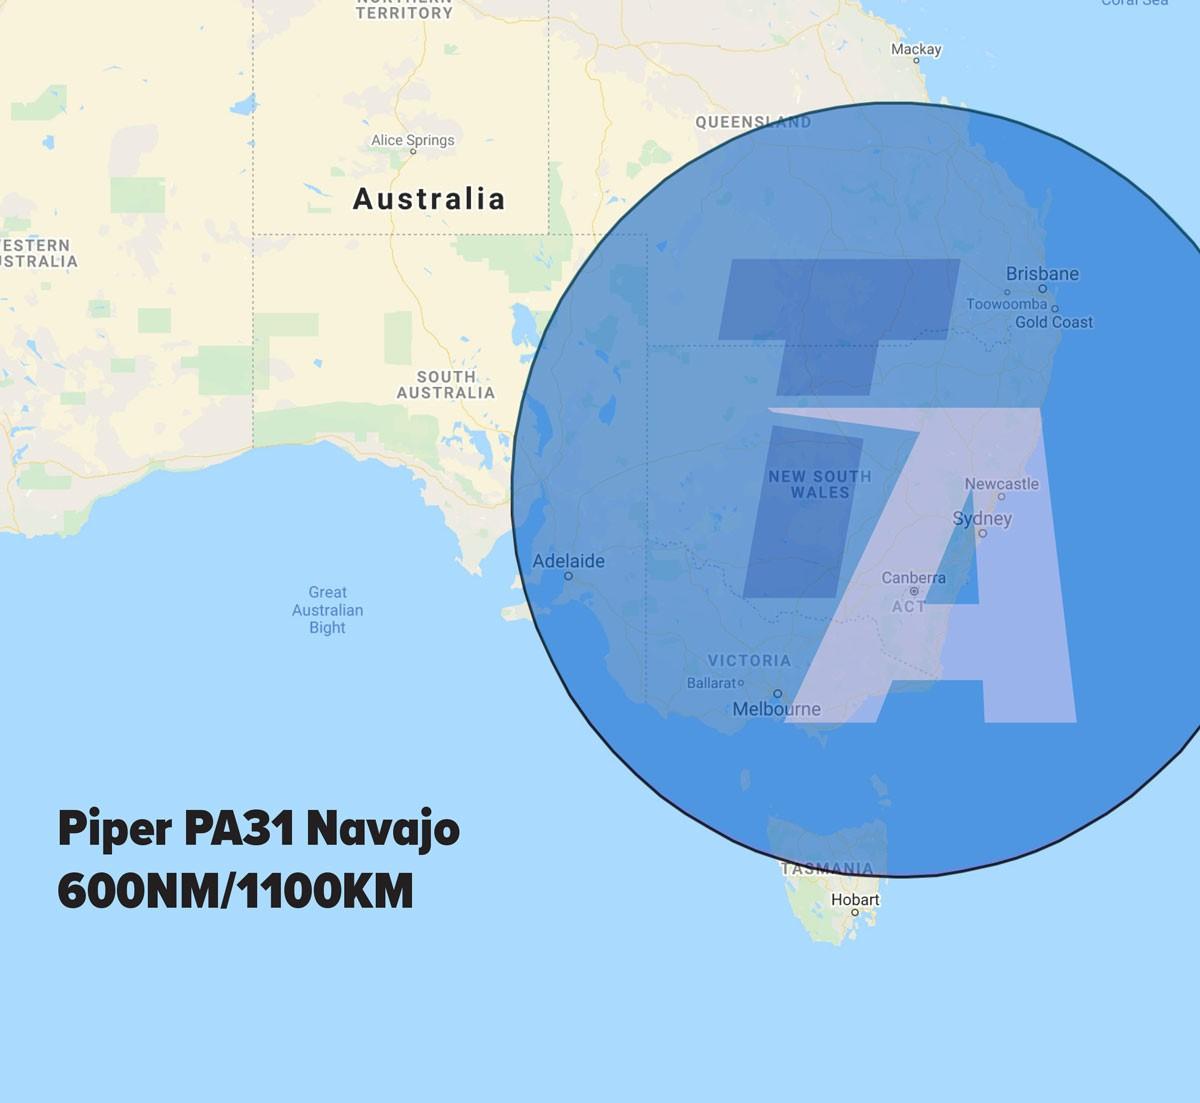 Piper PA31 Range